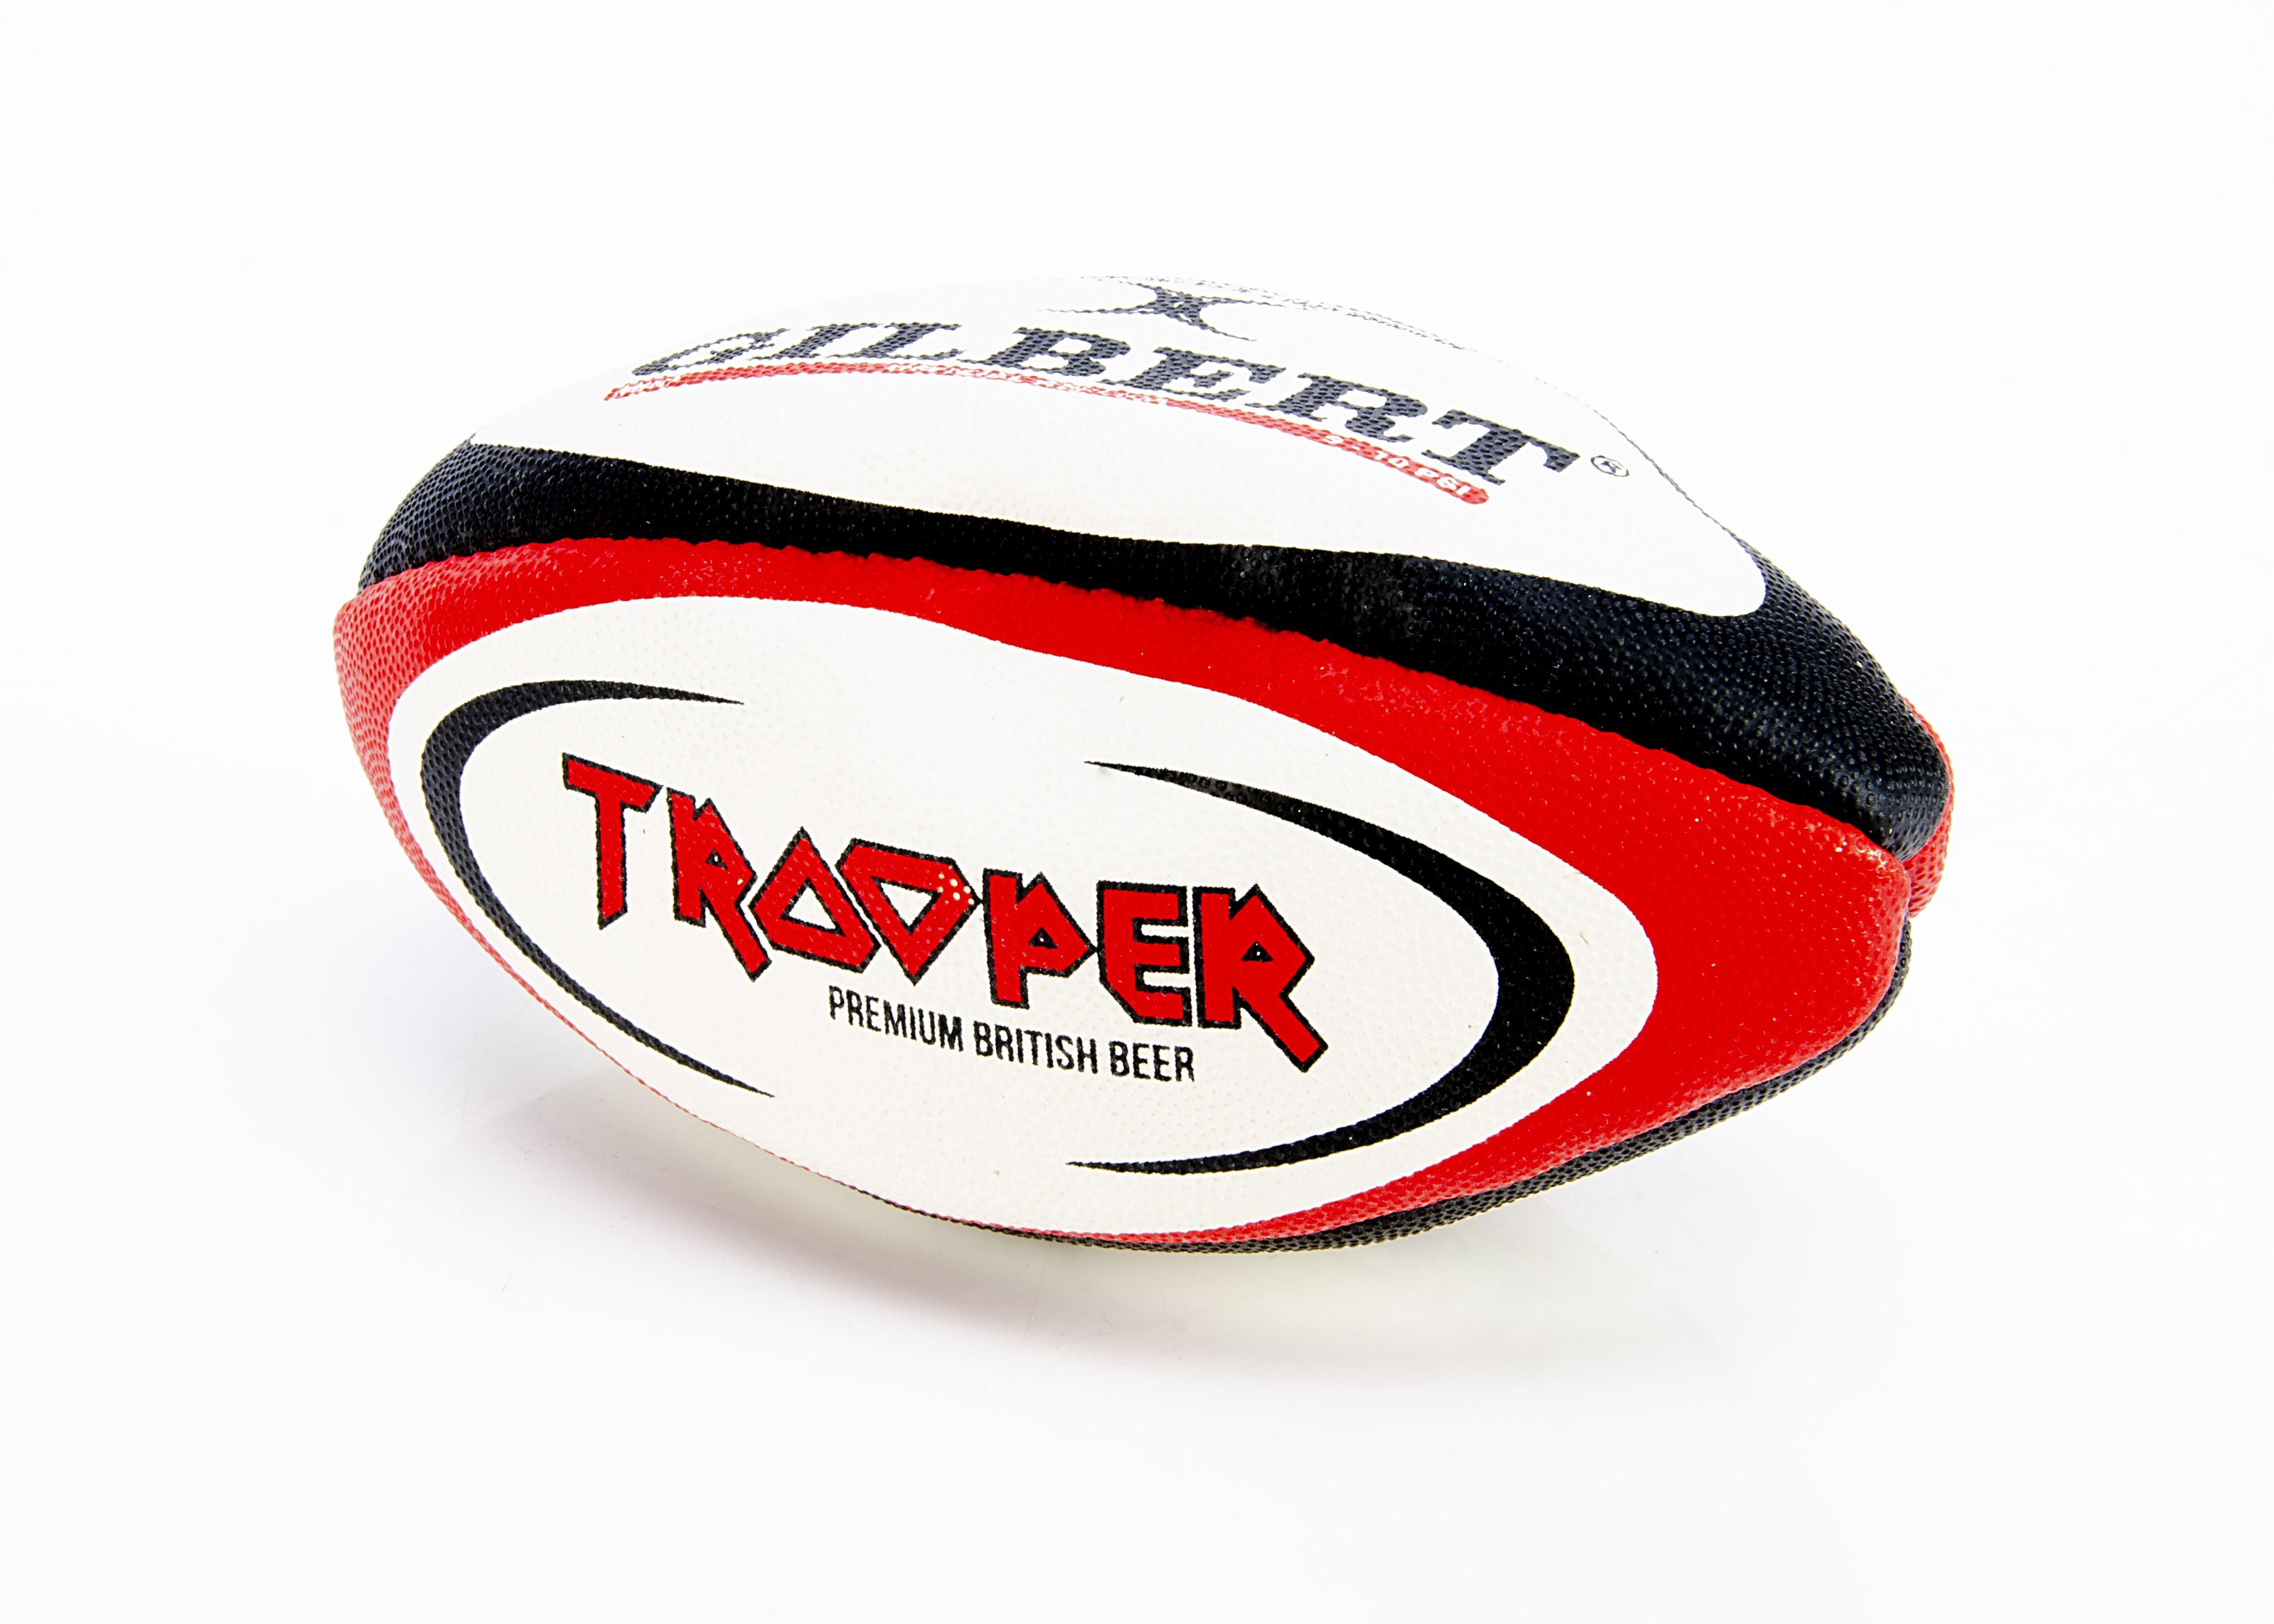 Iron Maiden Rugby Ball, Official Gilbert Replica mini Rugby Ball with Trooper and Iron Maiden